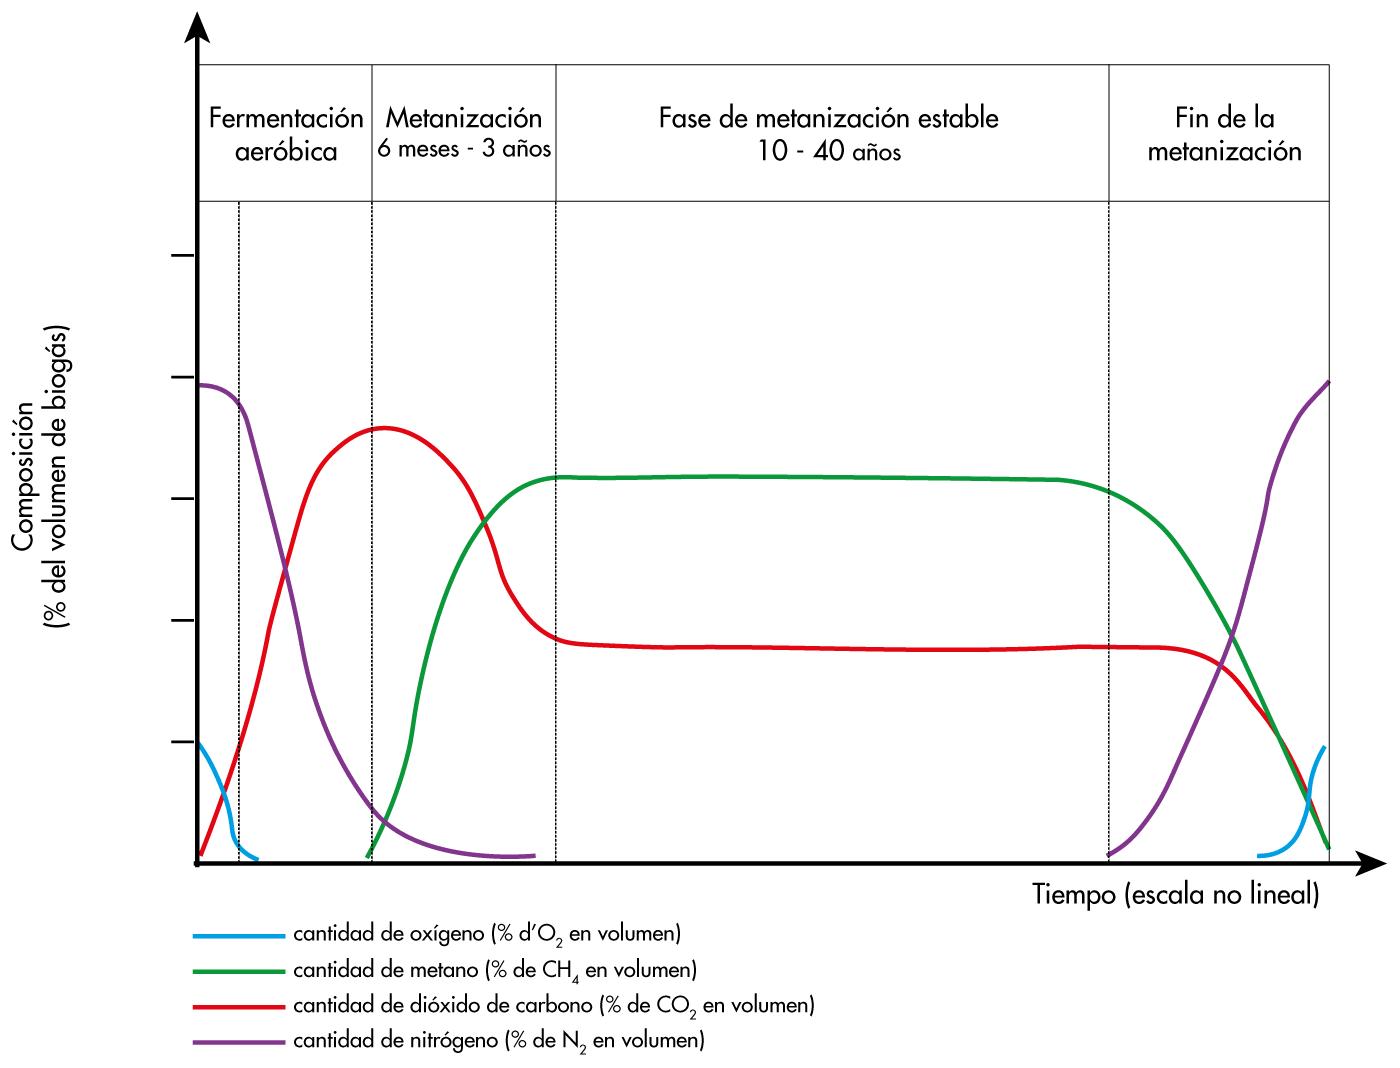 Evolución de la composición del gas de vertedero durante su operación